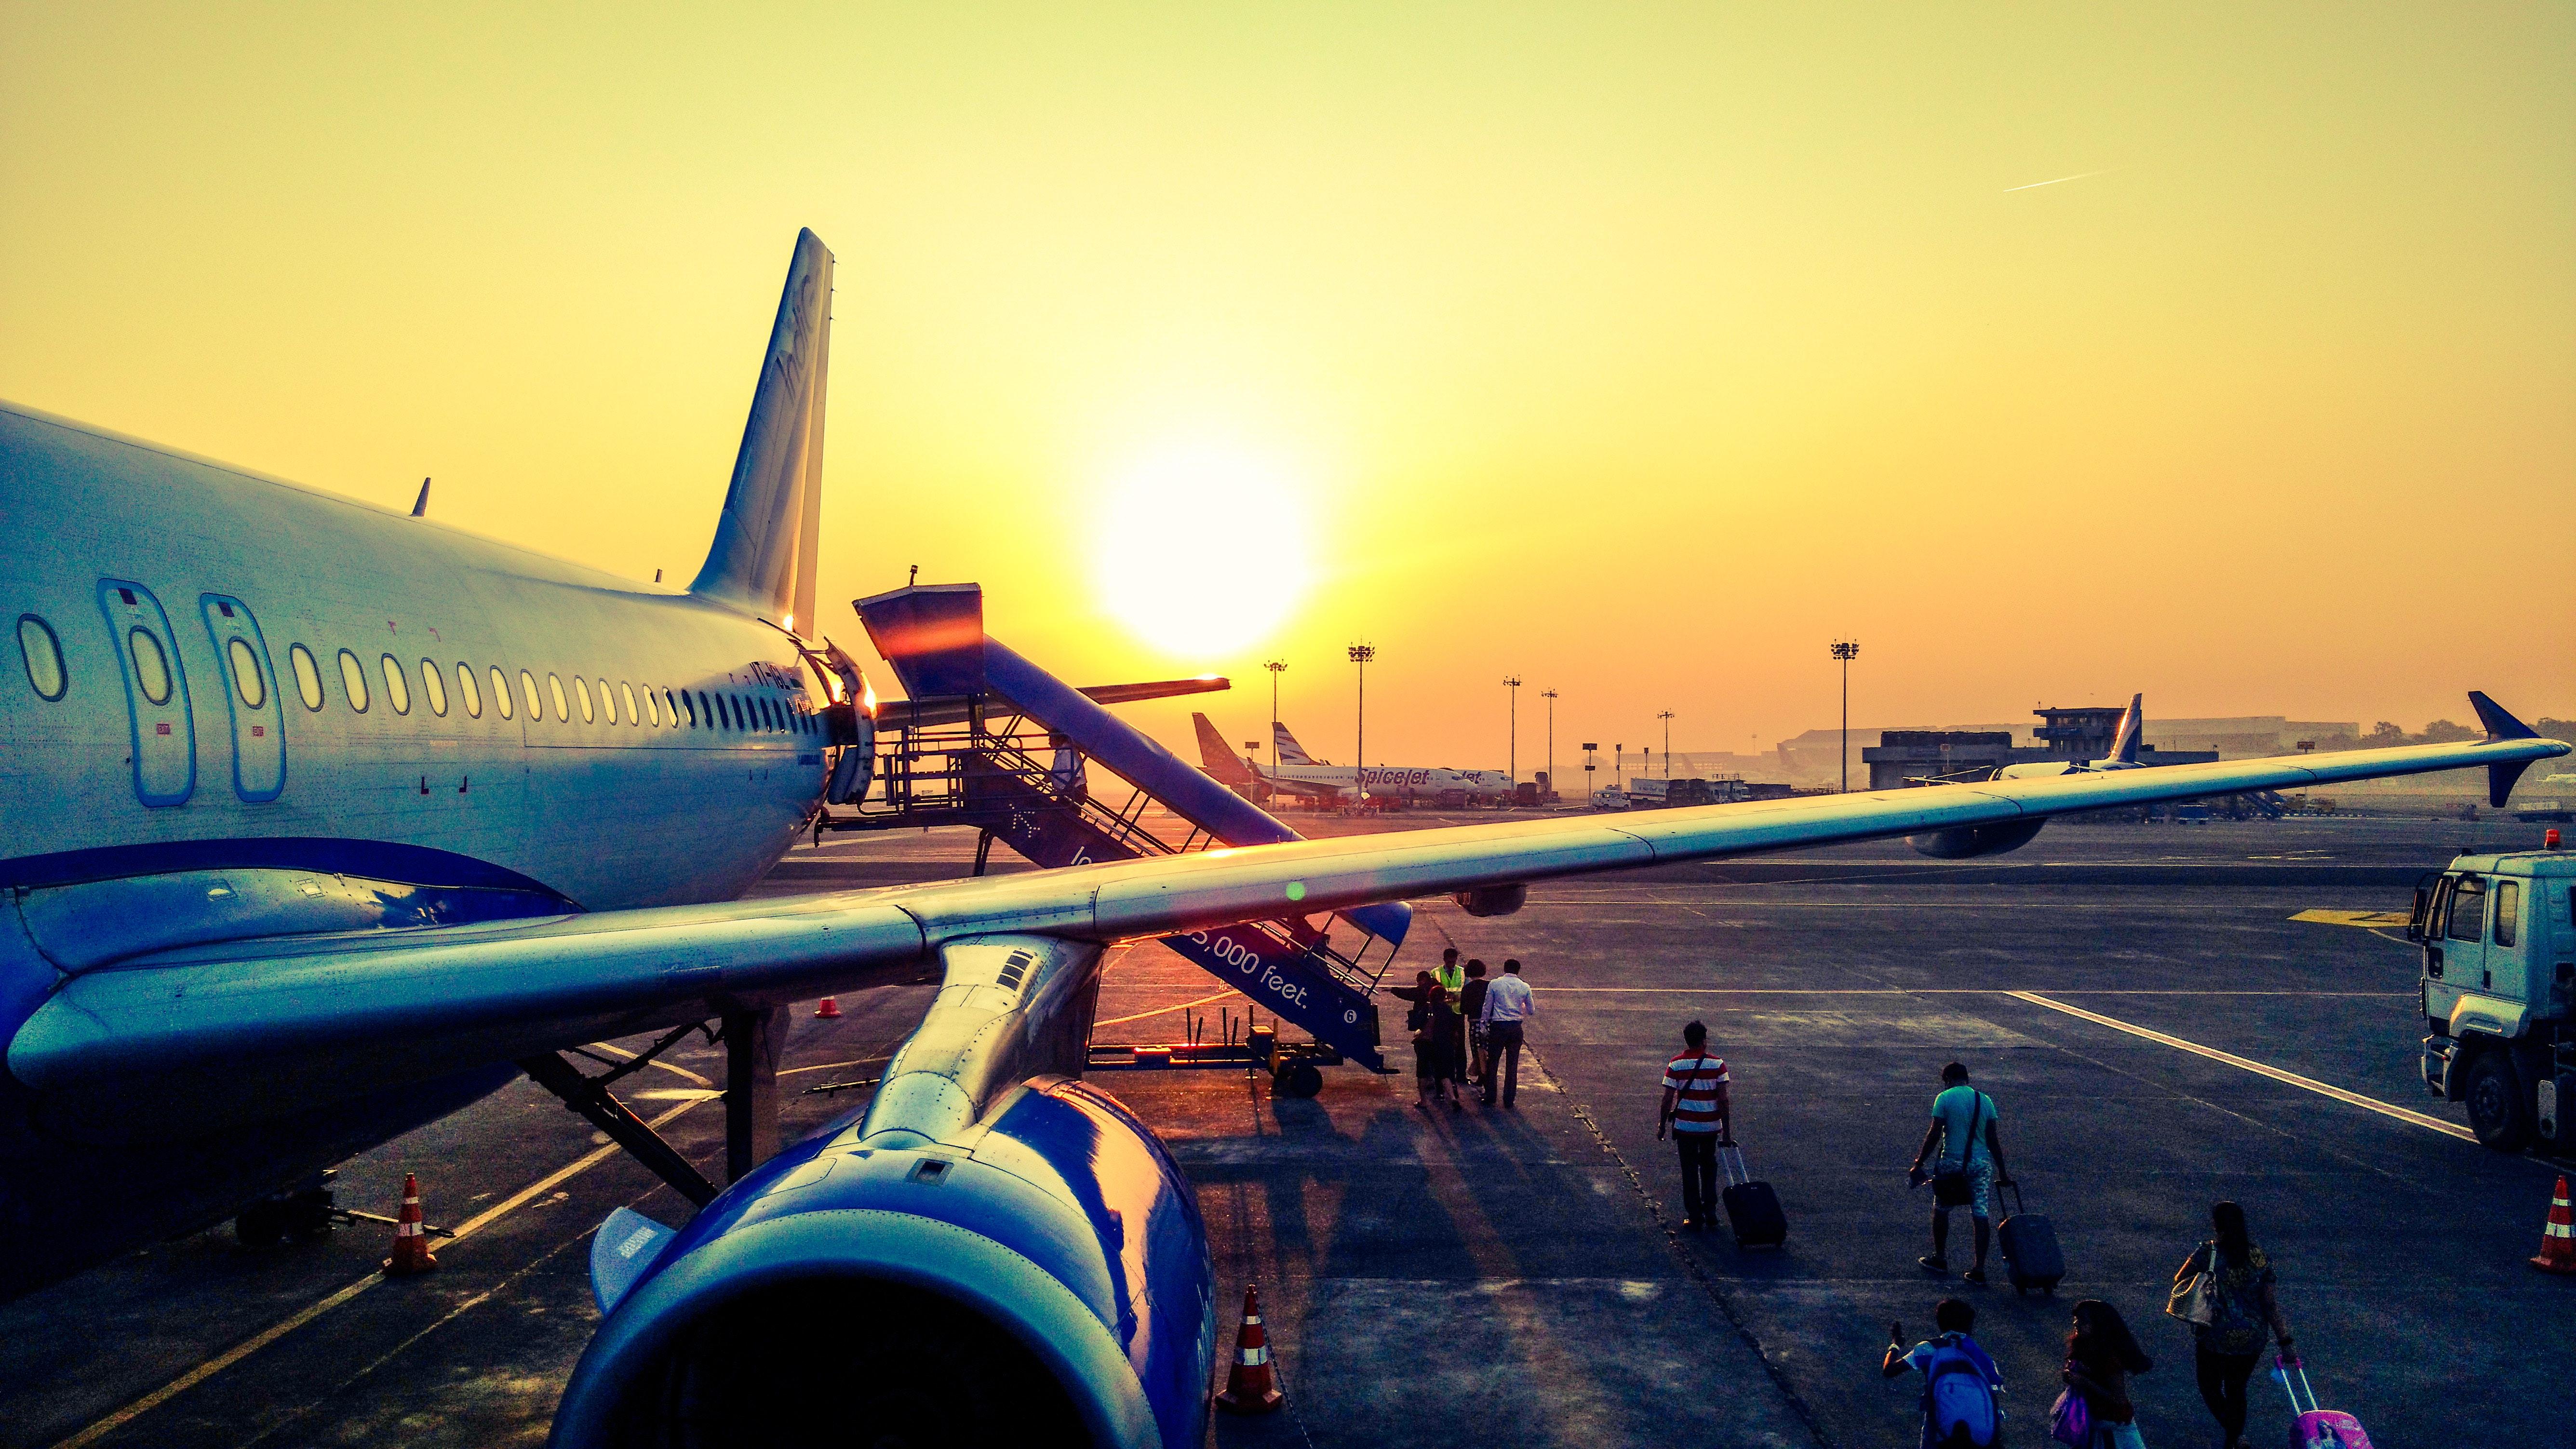 Aeropuerto Internacional de Tocumen reportó 16.5 millones de pasajeros en 2019